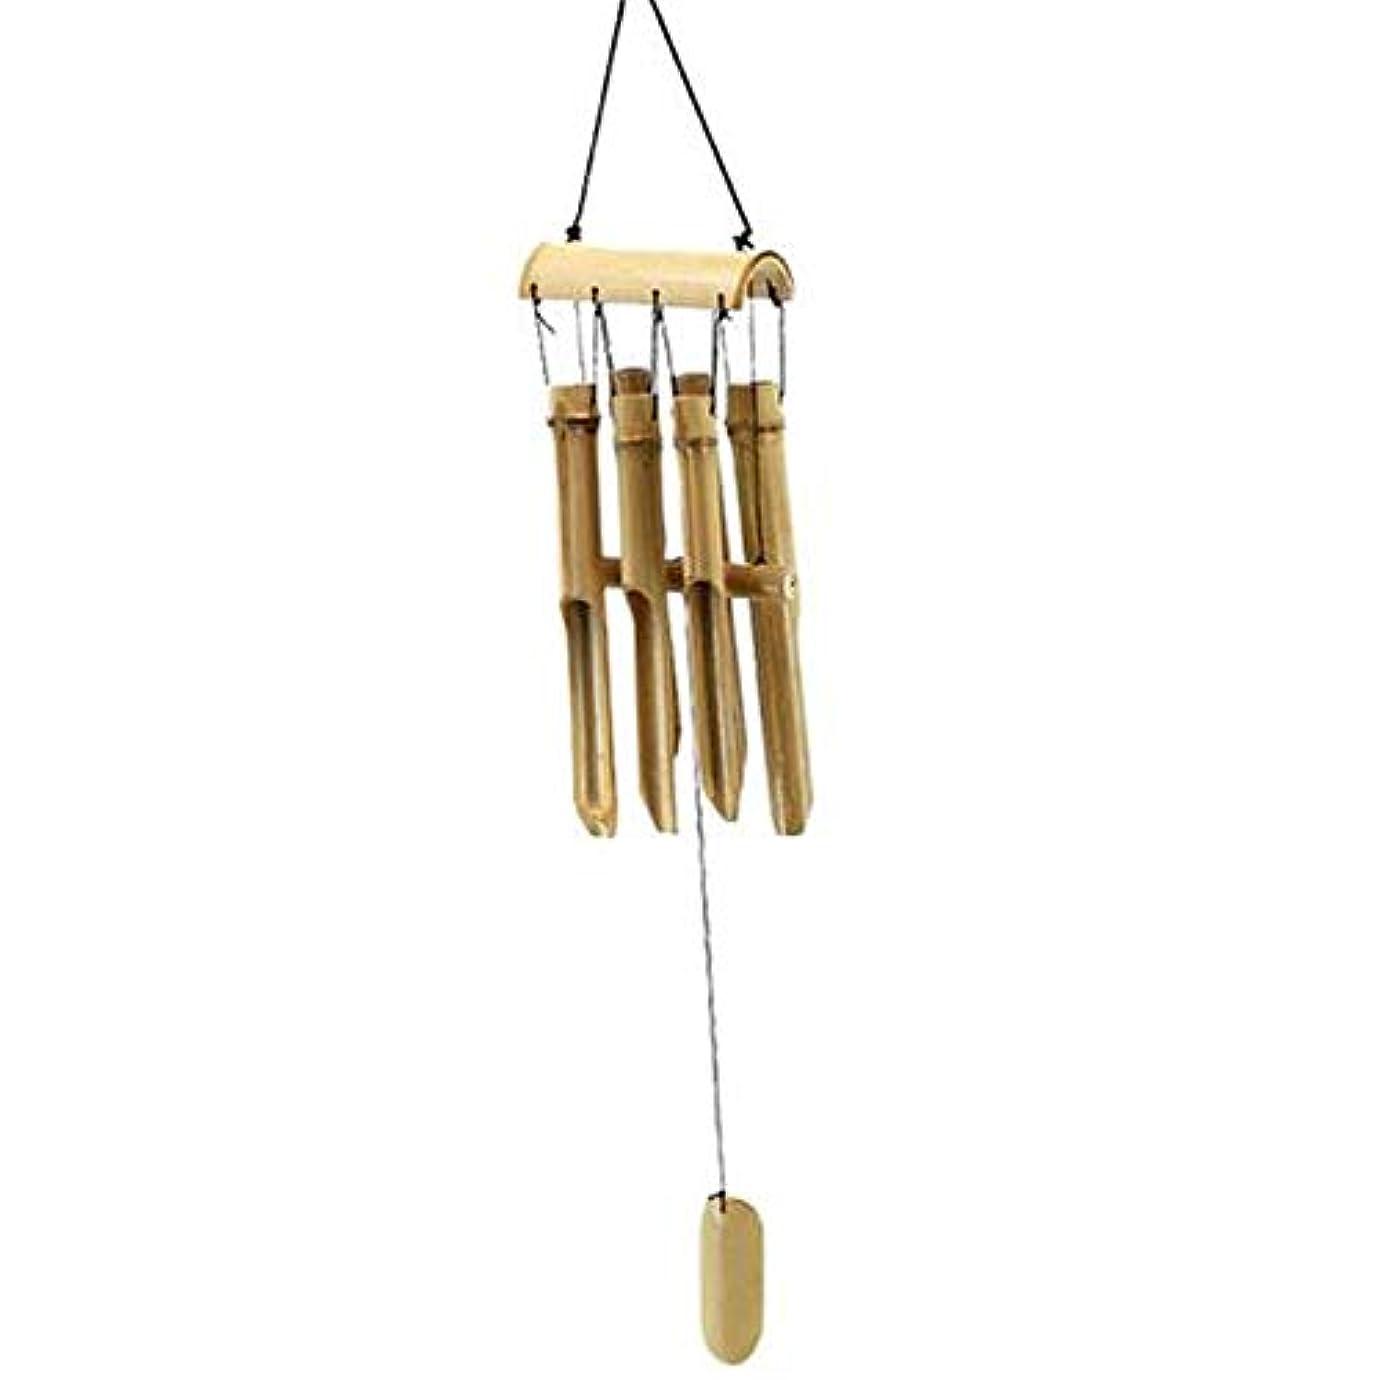 反対するステレオ専門知識Youshangshipin 風チャイム、中国のスタイルヴィンテージ手作りの竹風チャイム、ブラウン、全身について67CM、90CM,美しいギフトボックス (Size : 90cm)